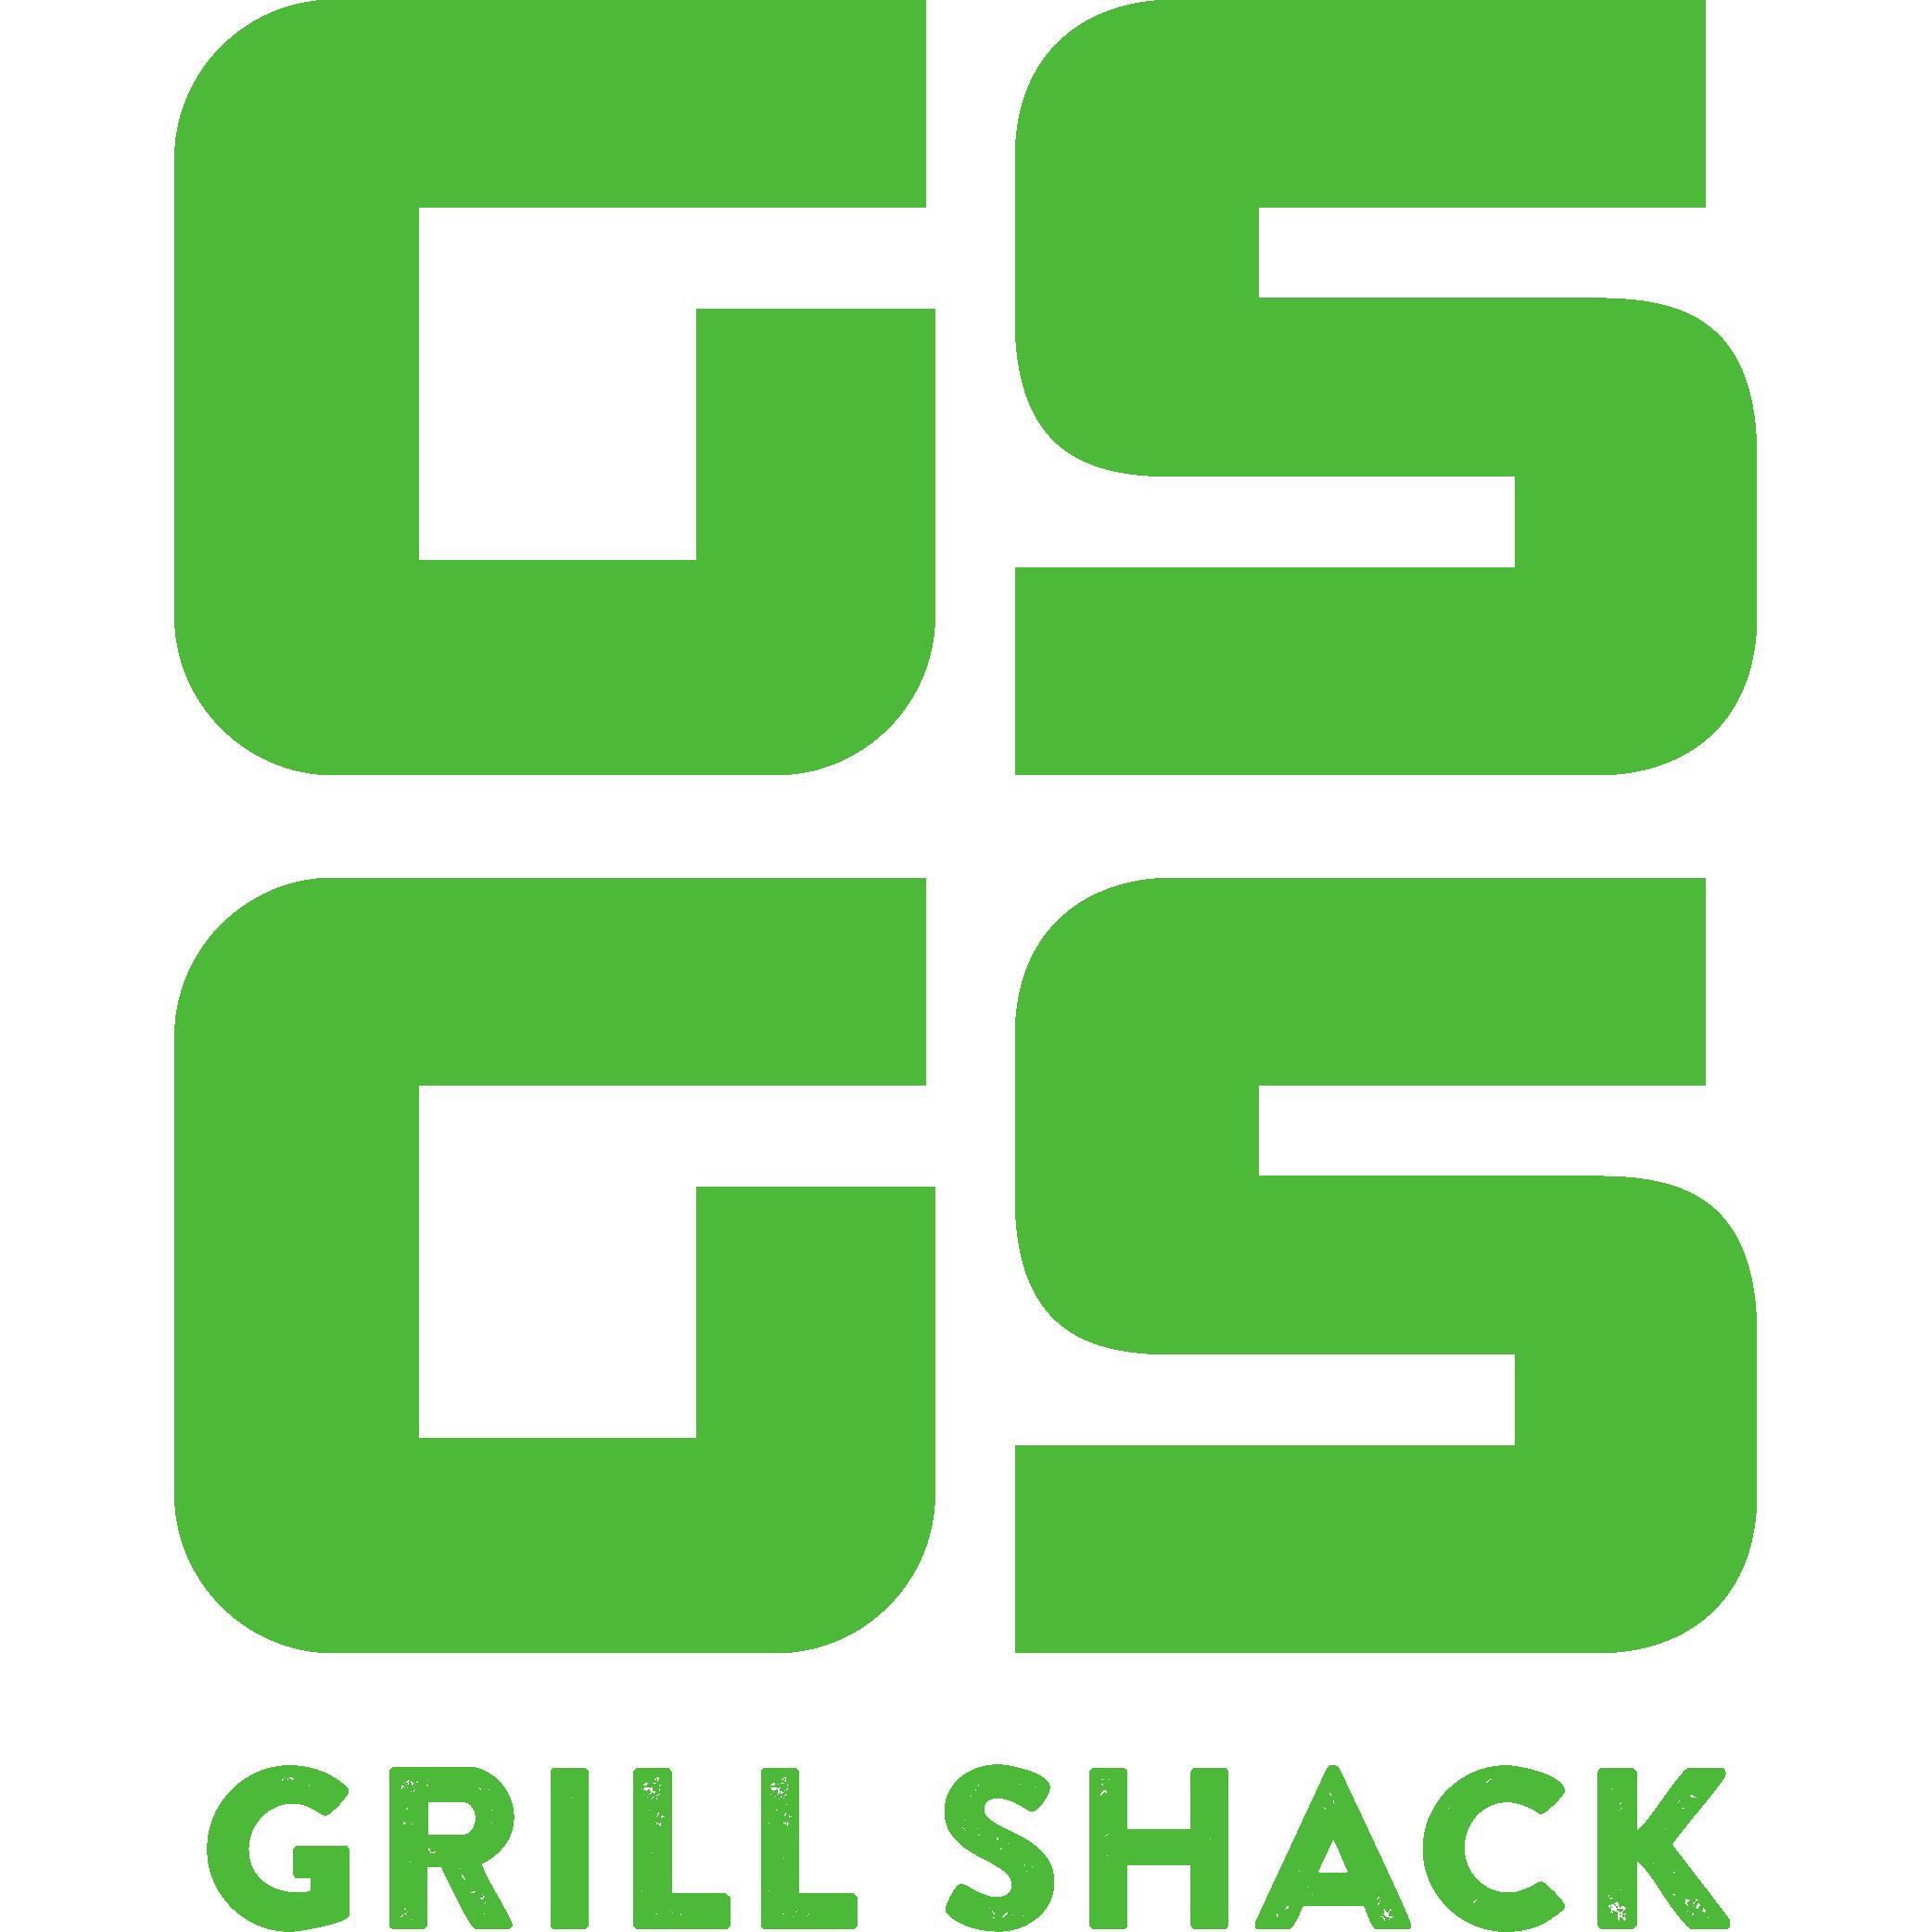 Grill Shack